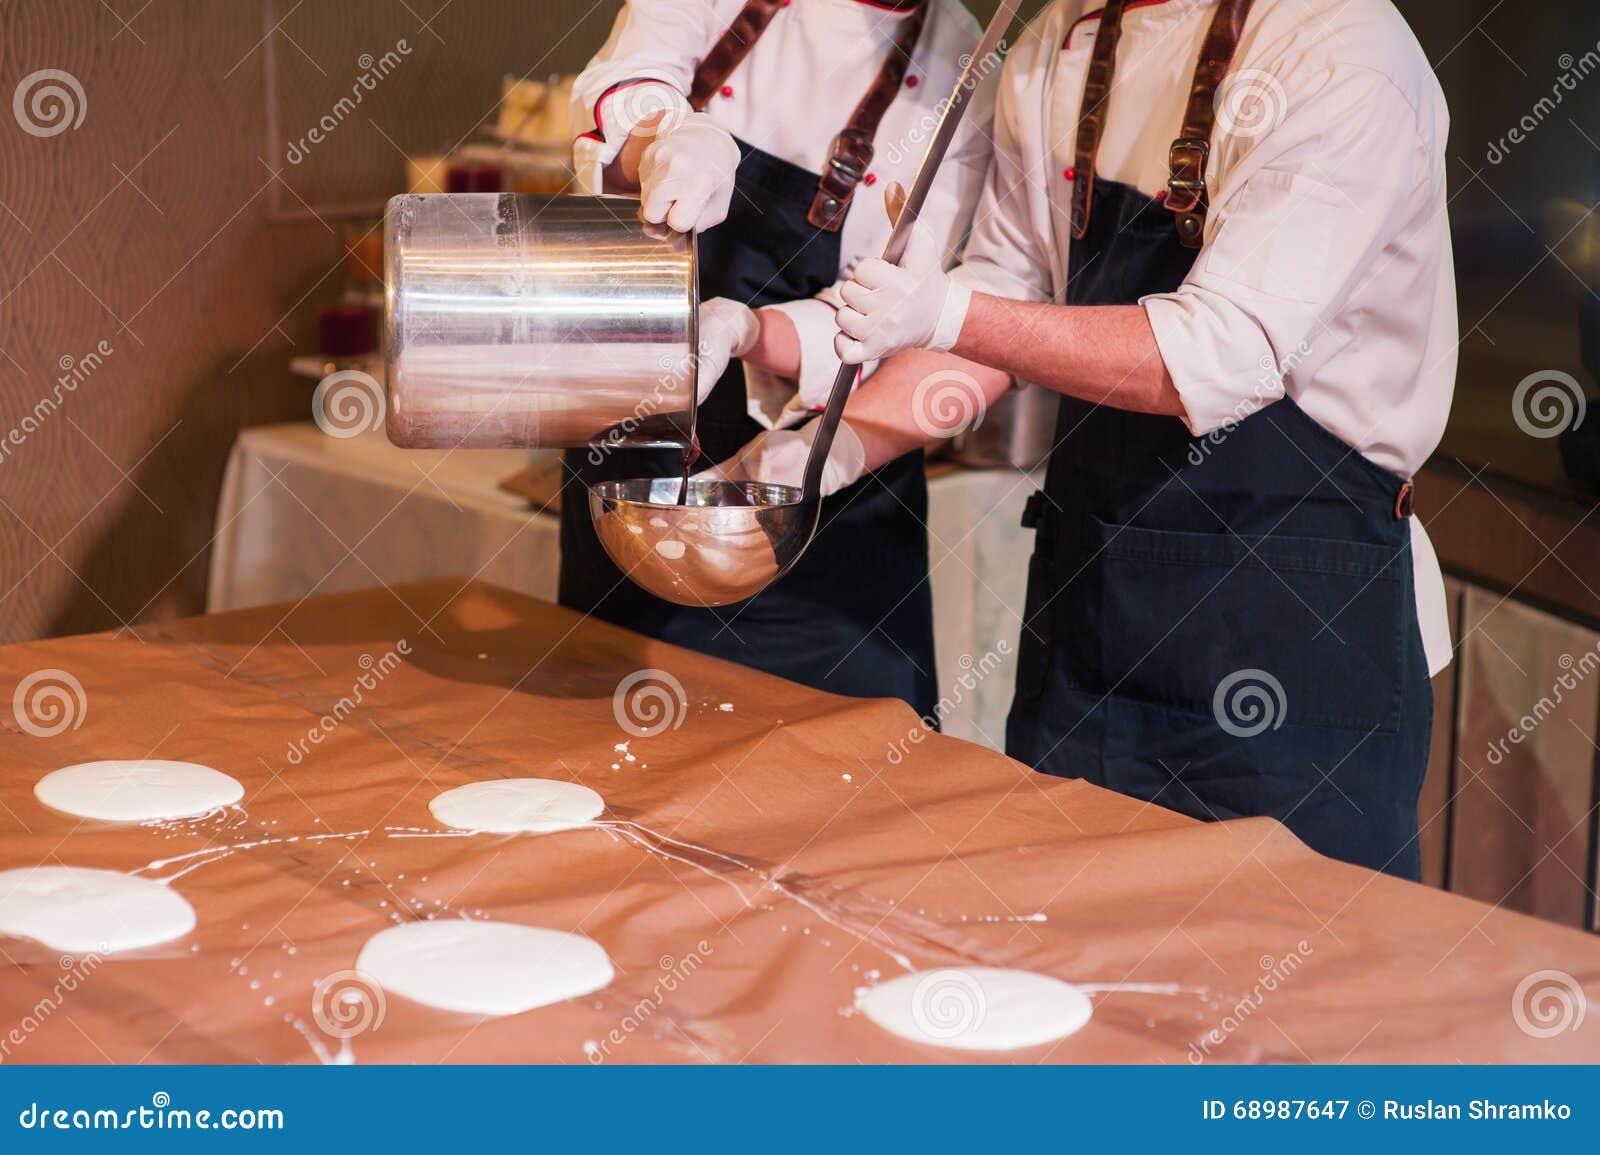 Chefschöpflöffel gießt große Pfannkuchen auf dem Tisch